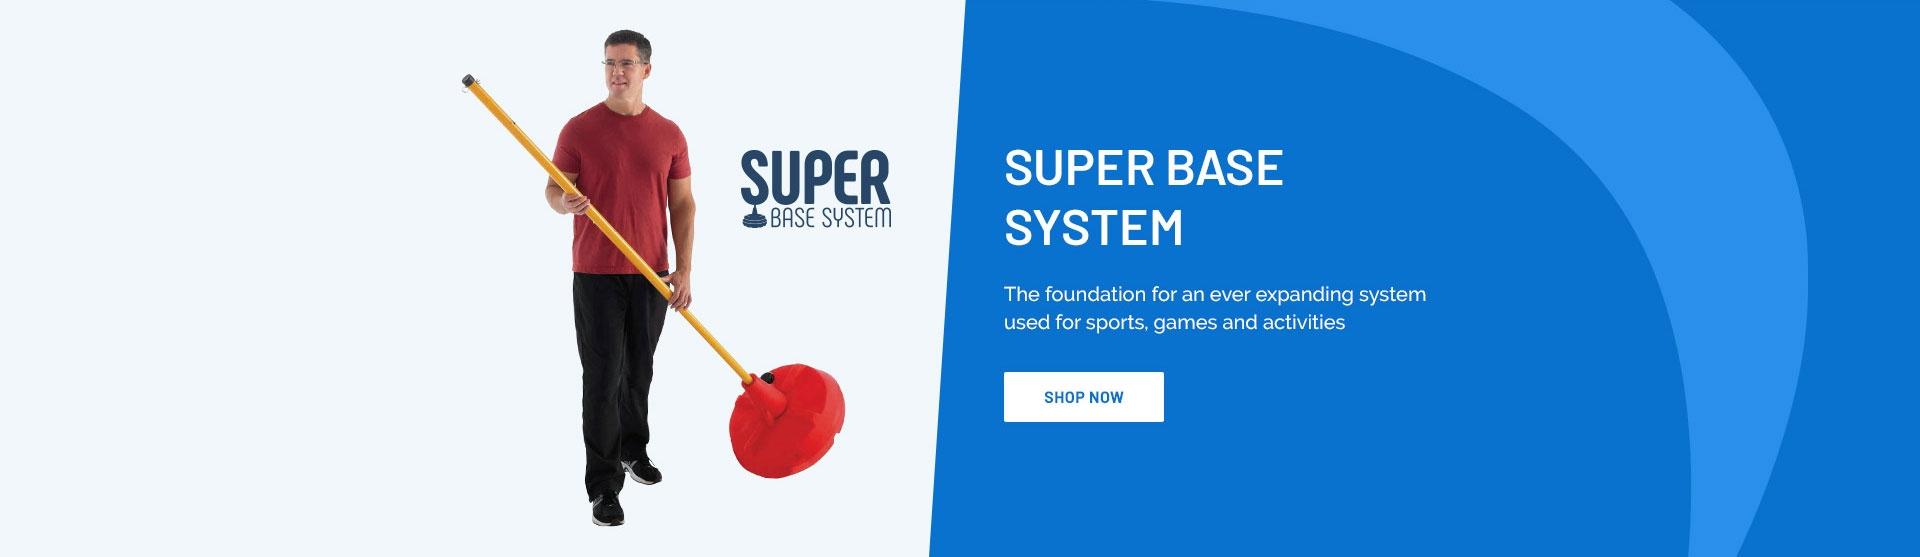 Super Base System